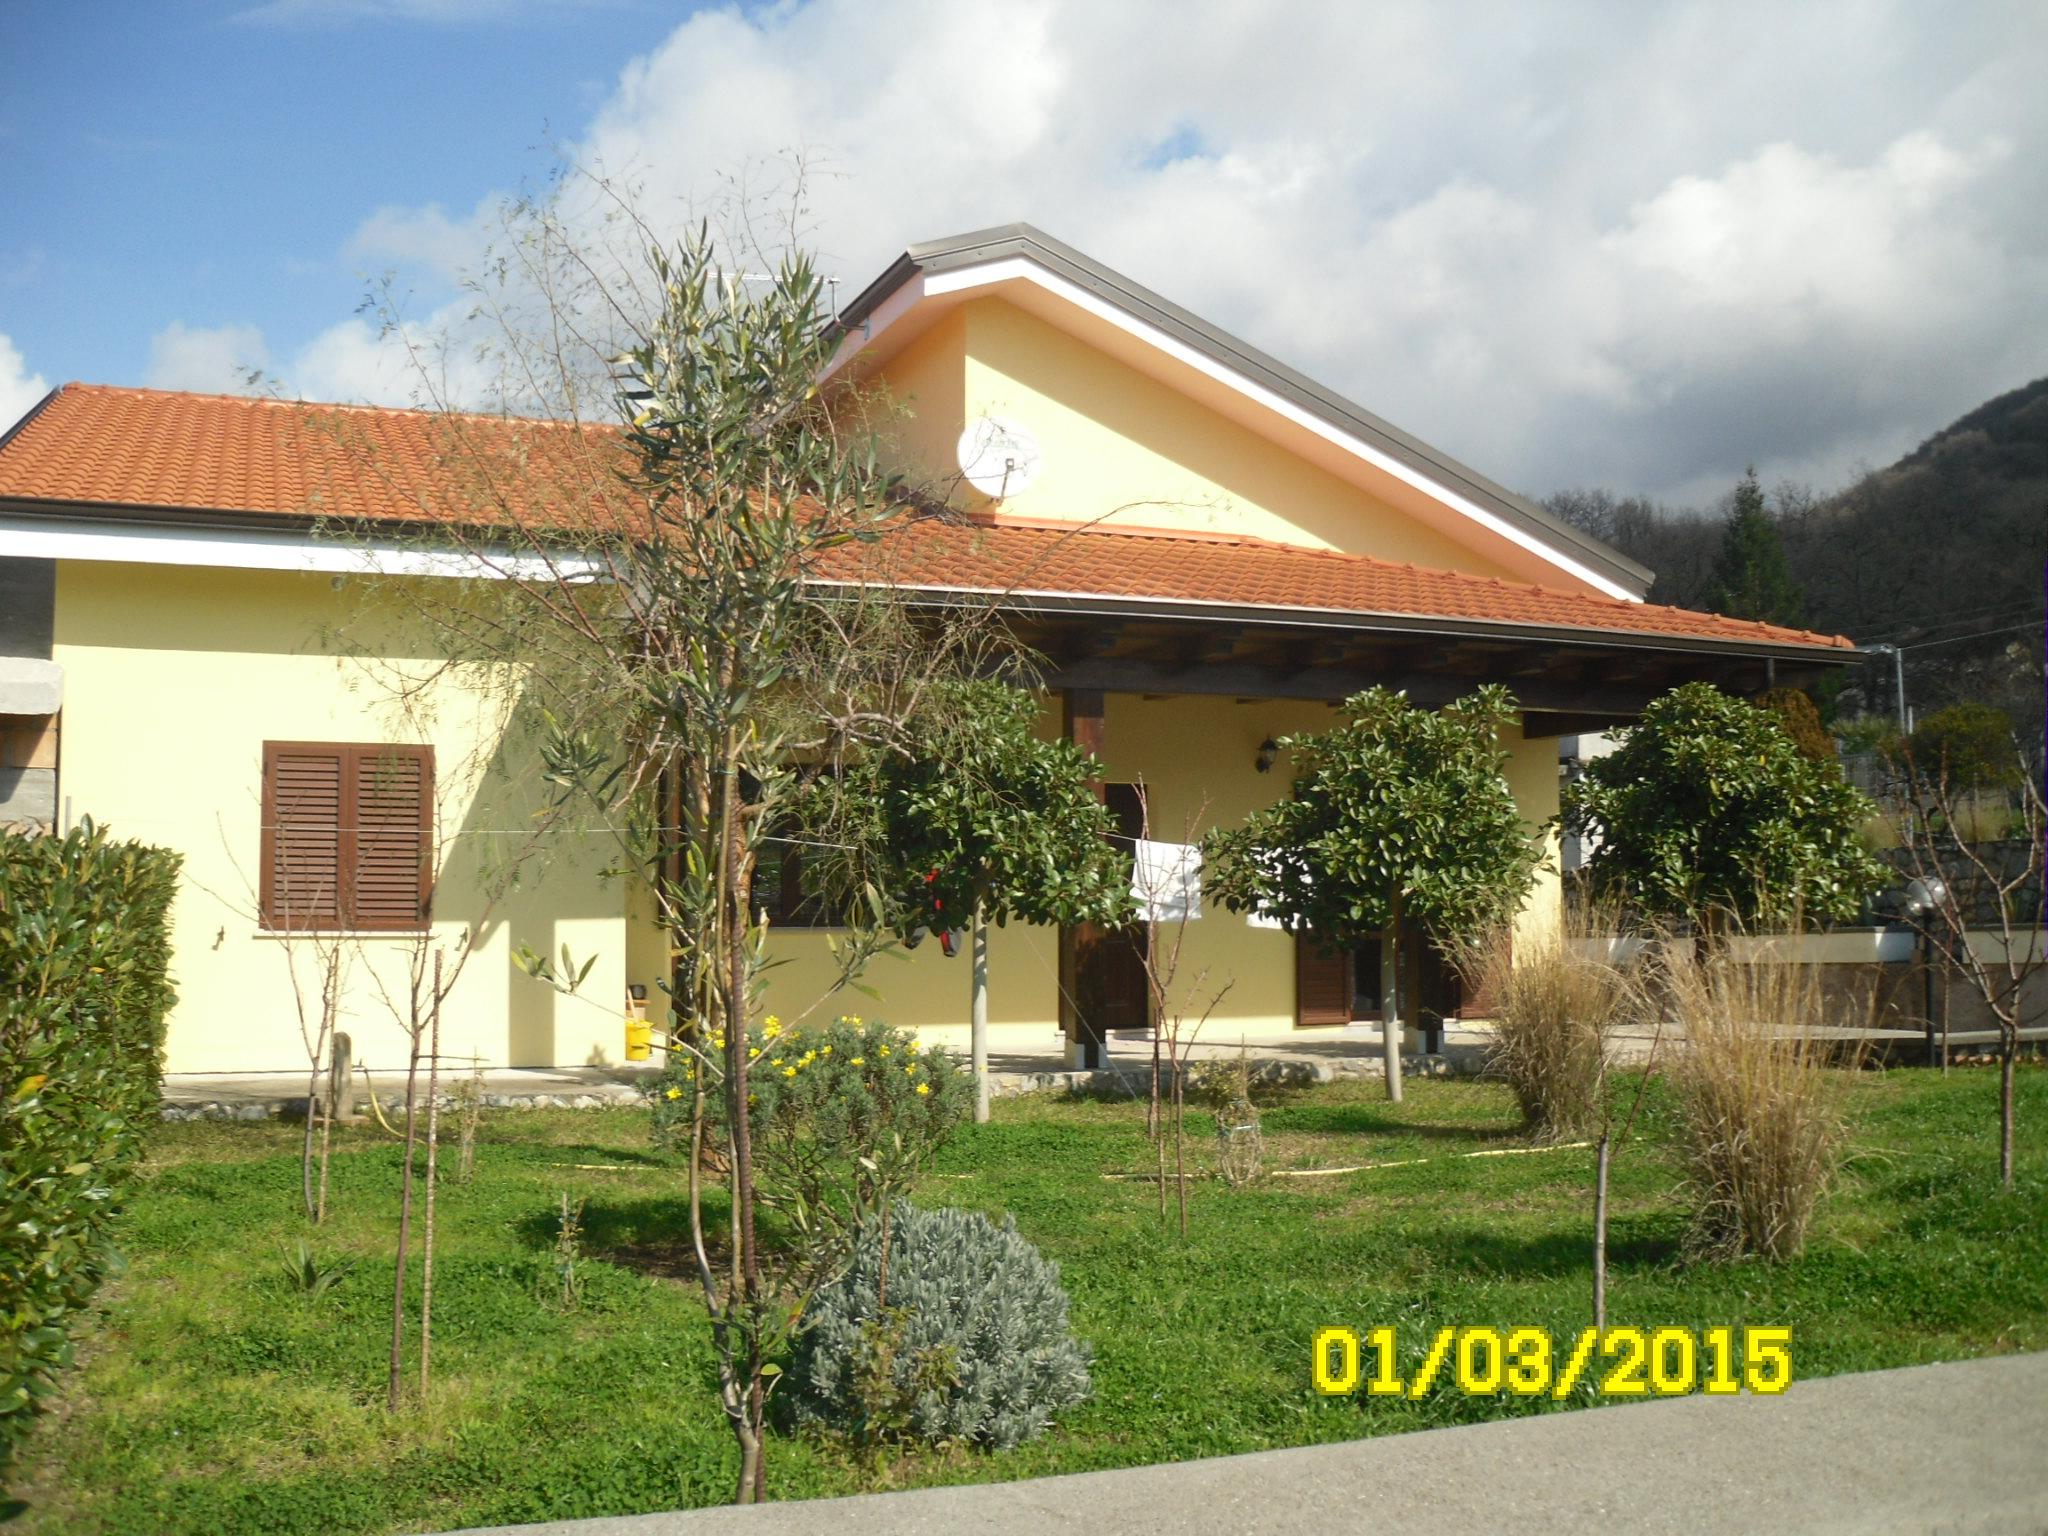 Case in vendita provincia cosenza cerco casa in vendita in provincia di cosenza - Case in vendita ...